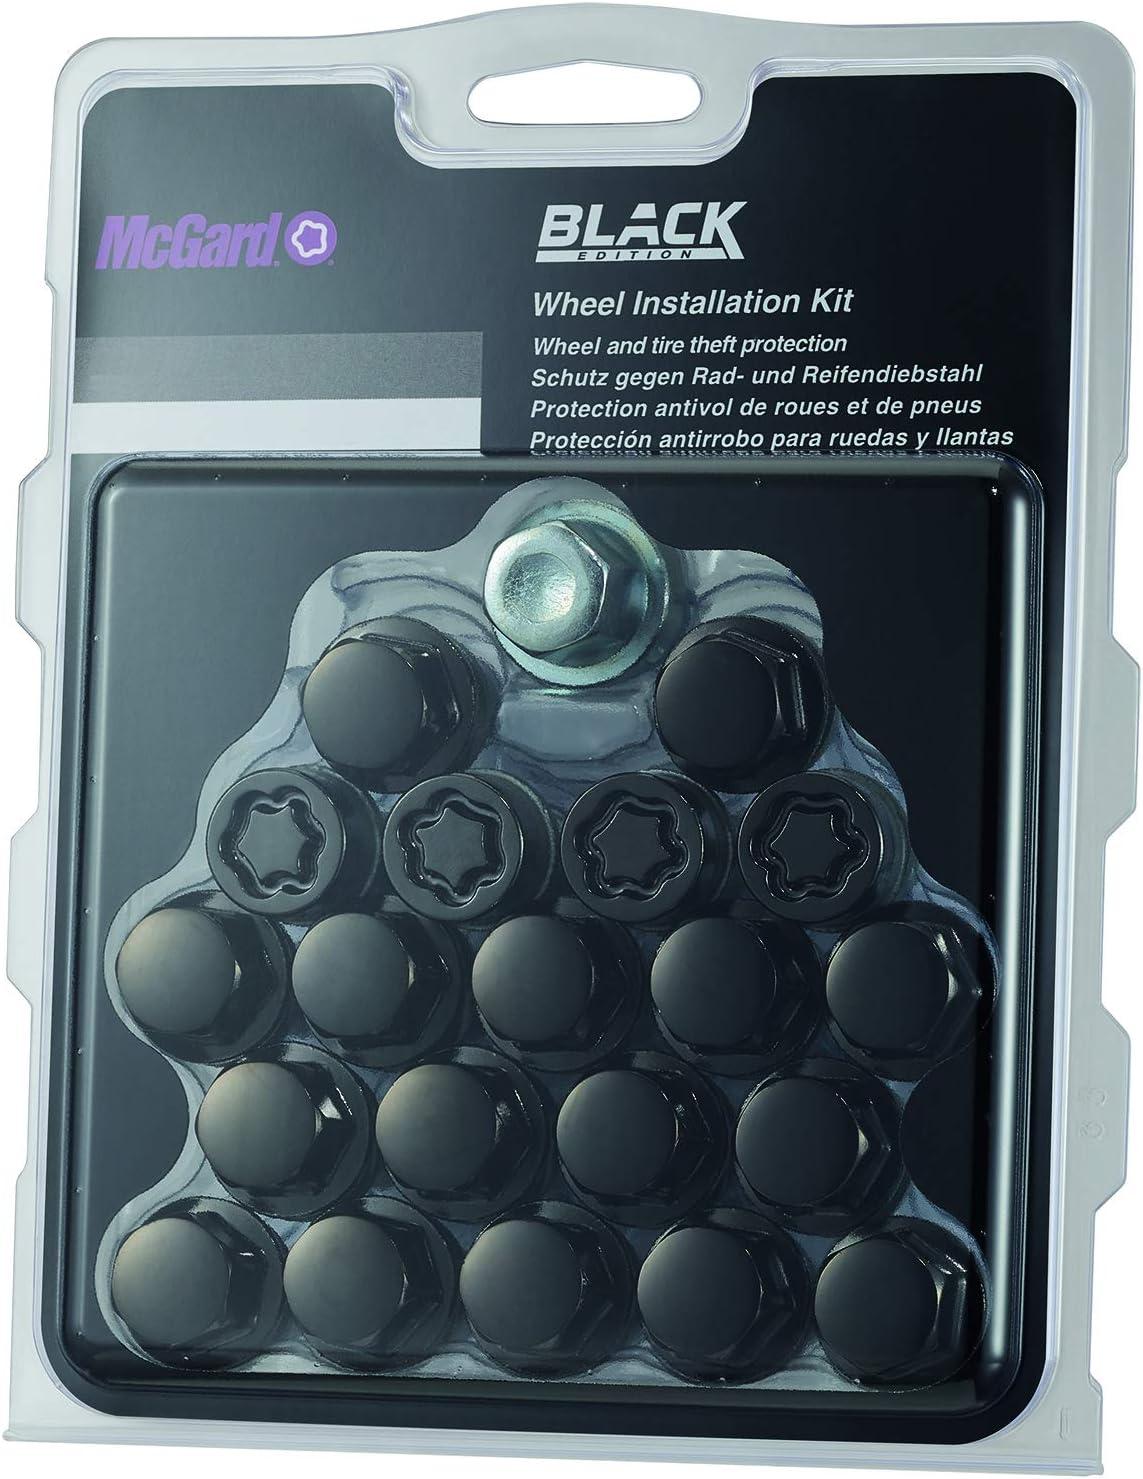 67205sub Radmontagesatz Schwarz Beinhaltet 16 Radbolzen In Schwarz 4 Radsicherungen Sub Und 1 Schlüssel M14x1 5 Kegelsitz Schaftlänge 30 5 Mm Sw17 Auto